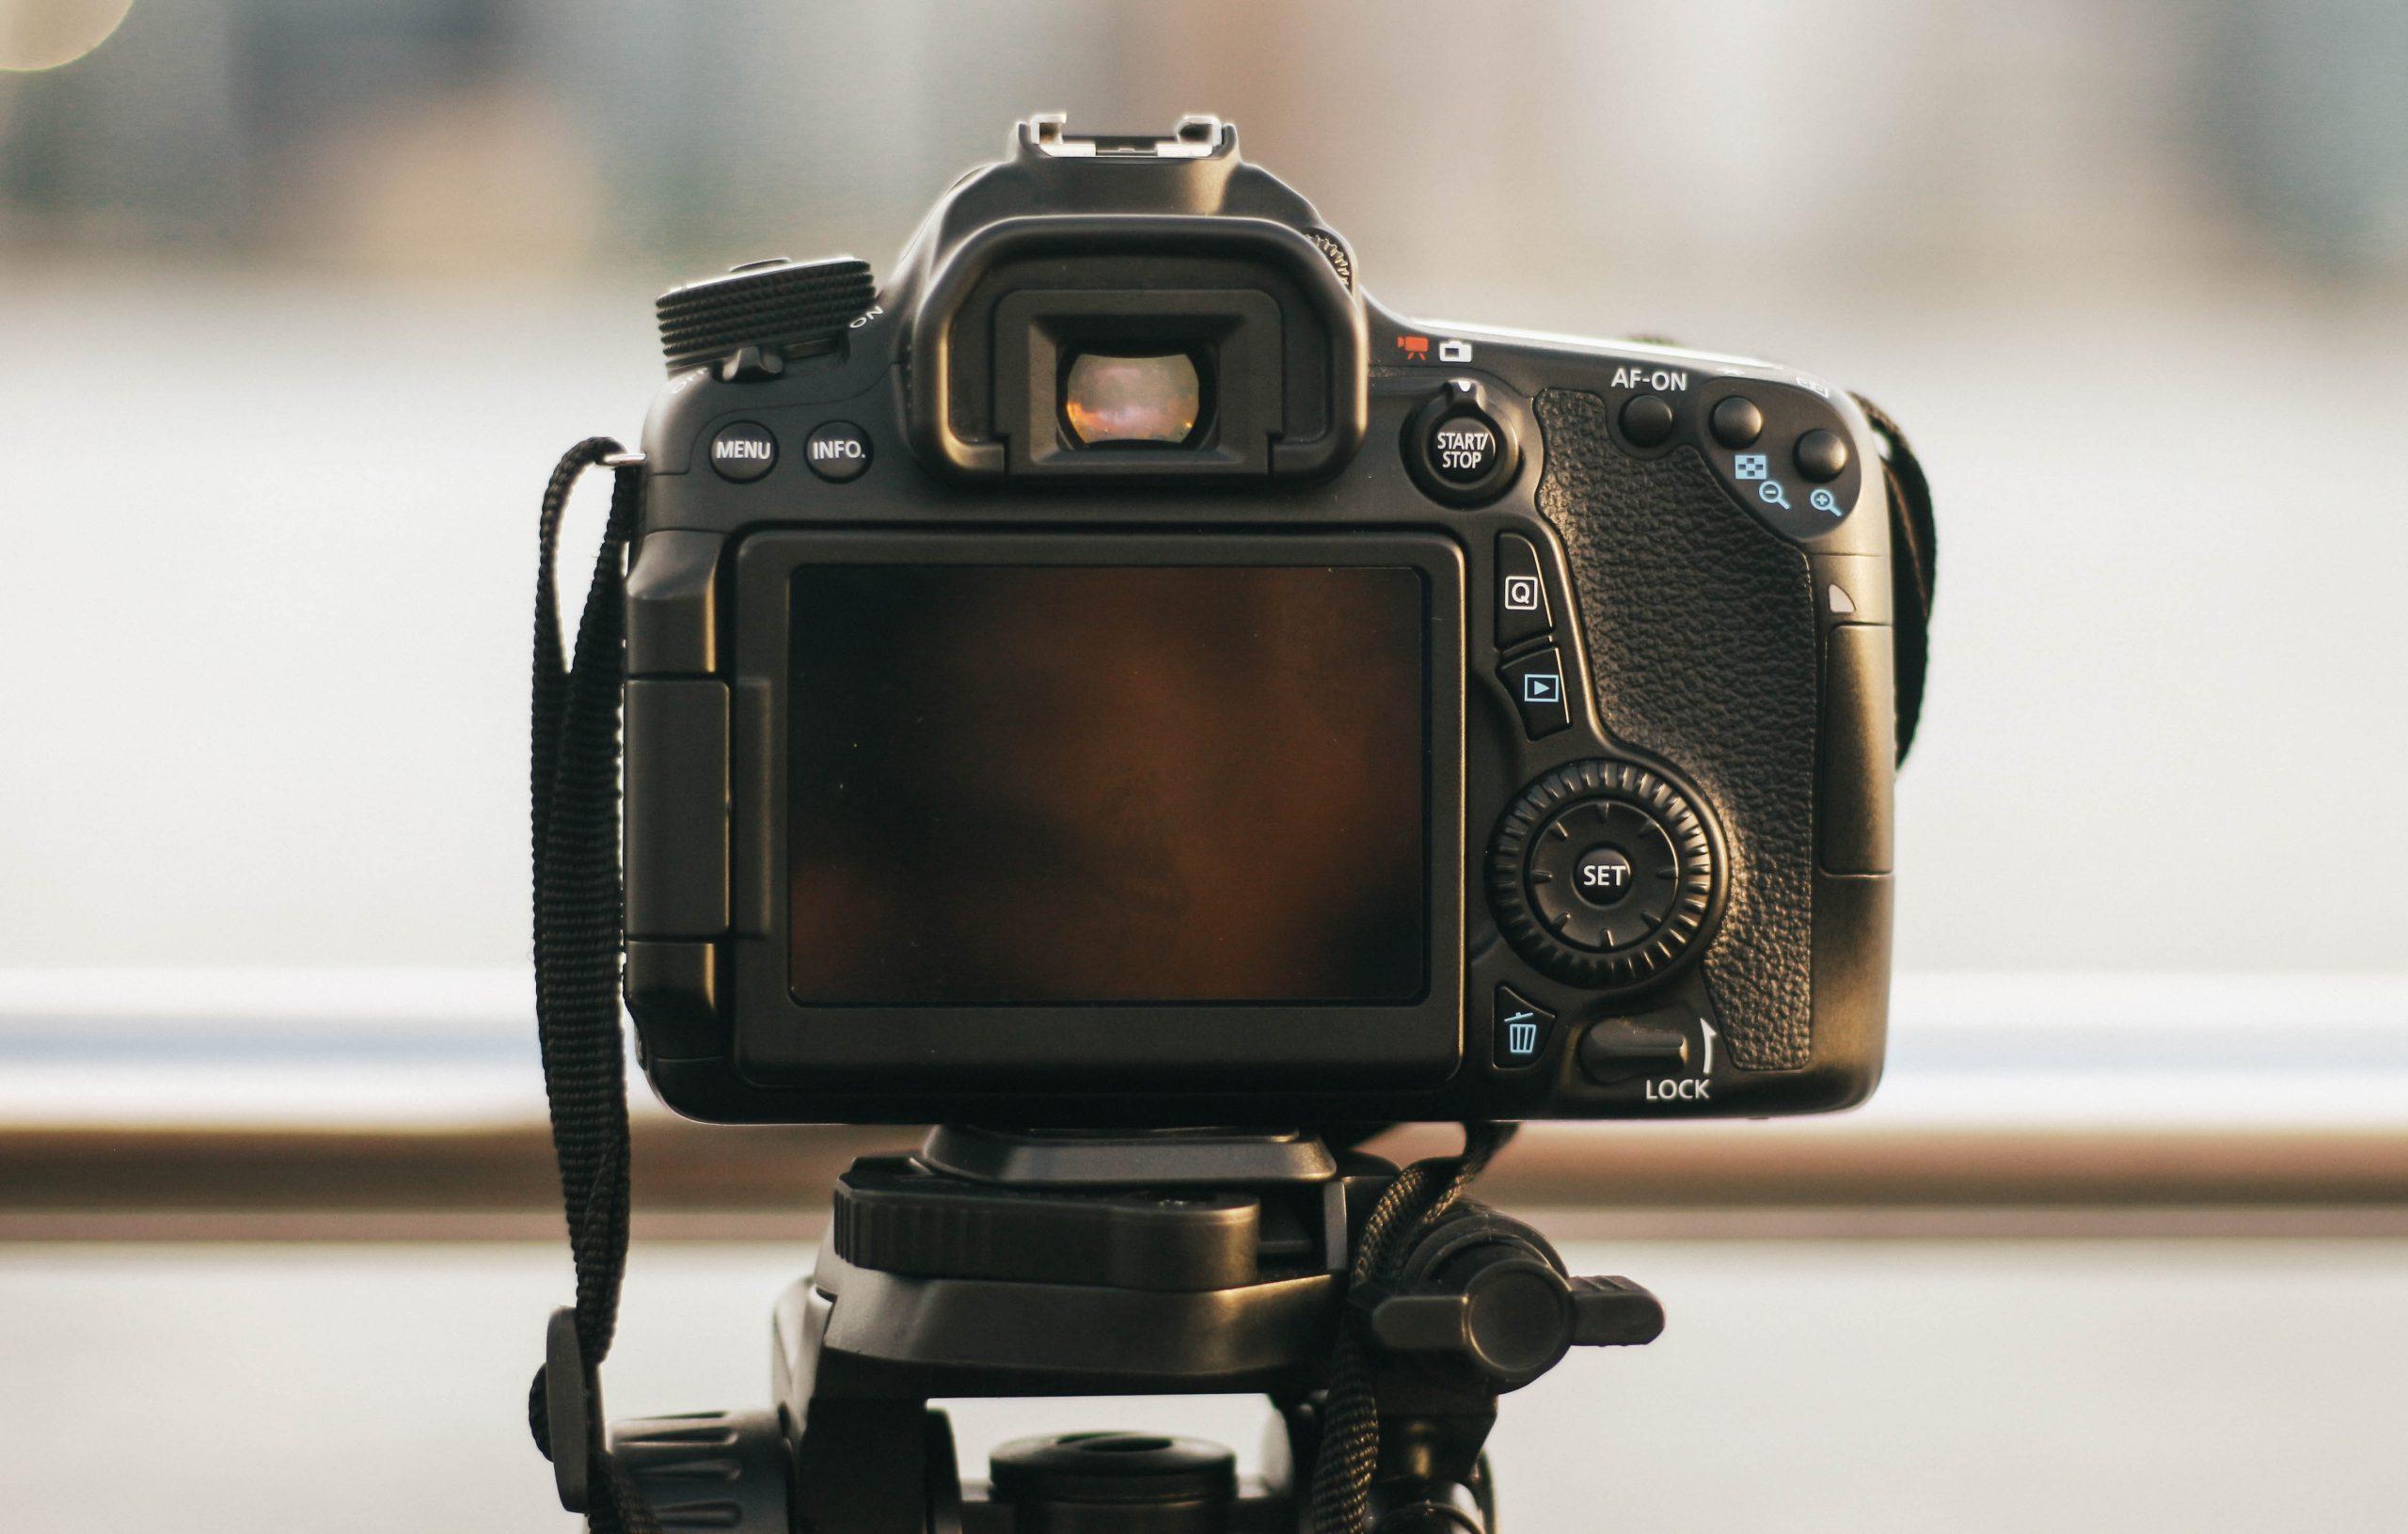 Miglior macchina fotografica 2021: Guida all'acquisto